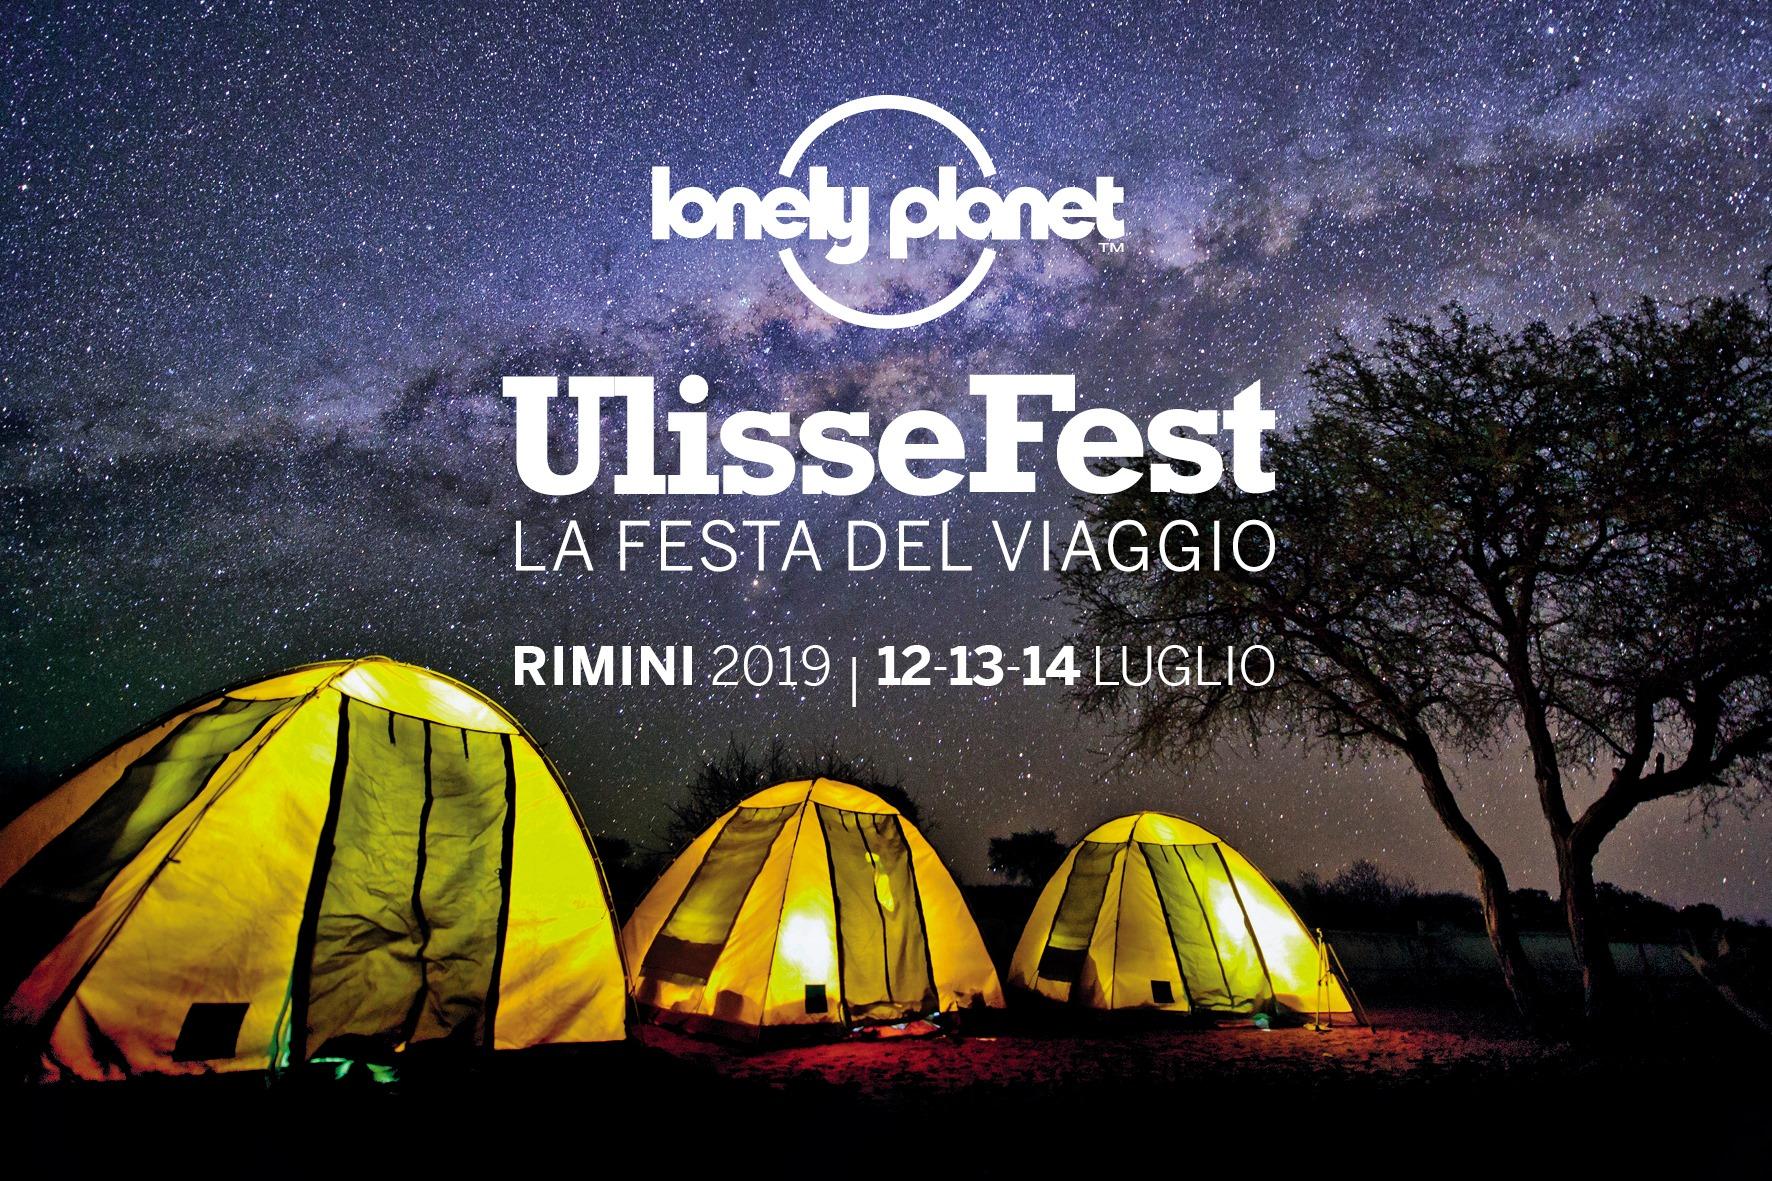 UlisseFest 2019: torna la Festa del Viaggio di Lonely Planet